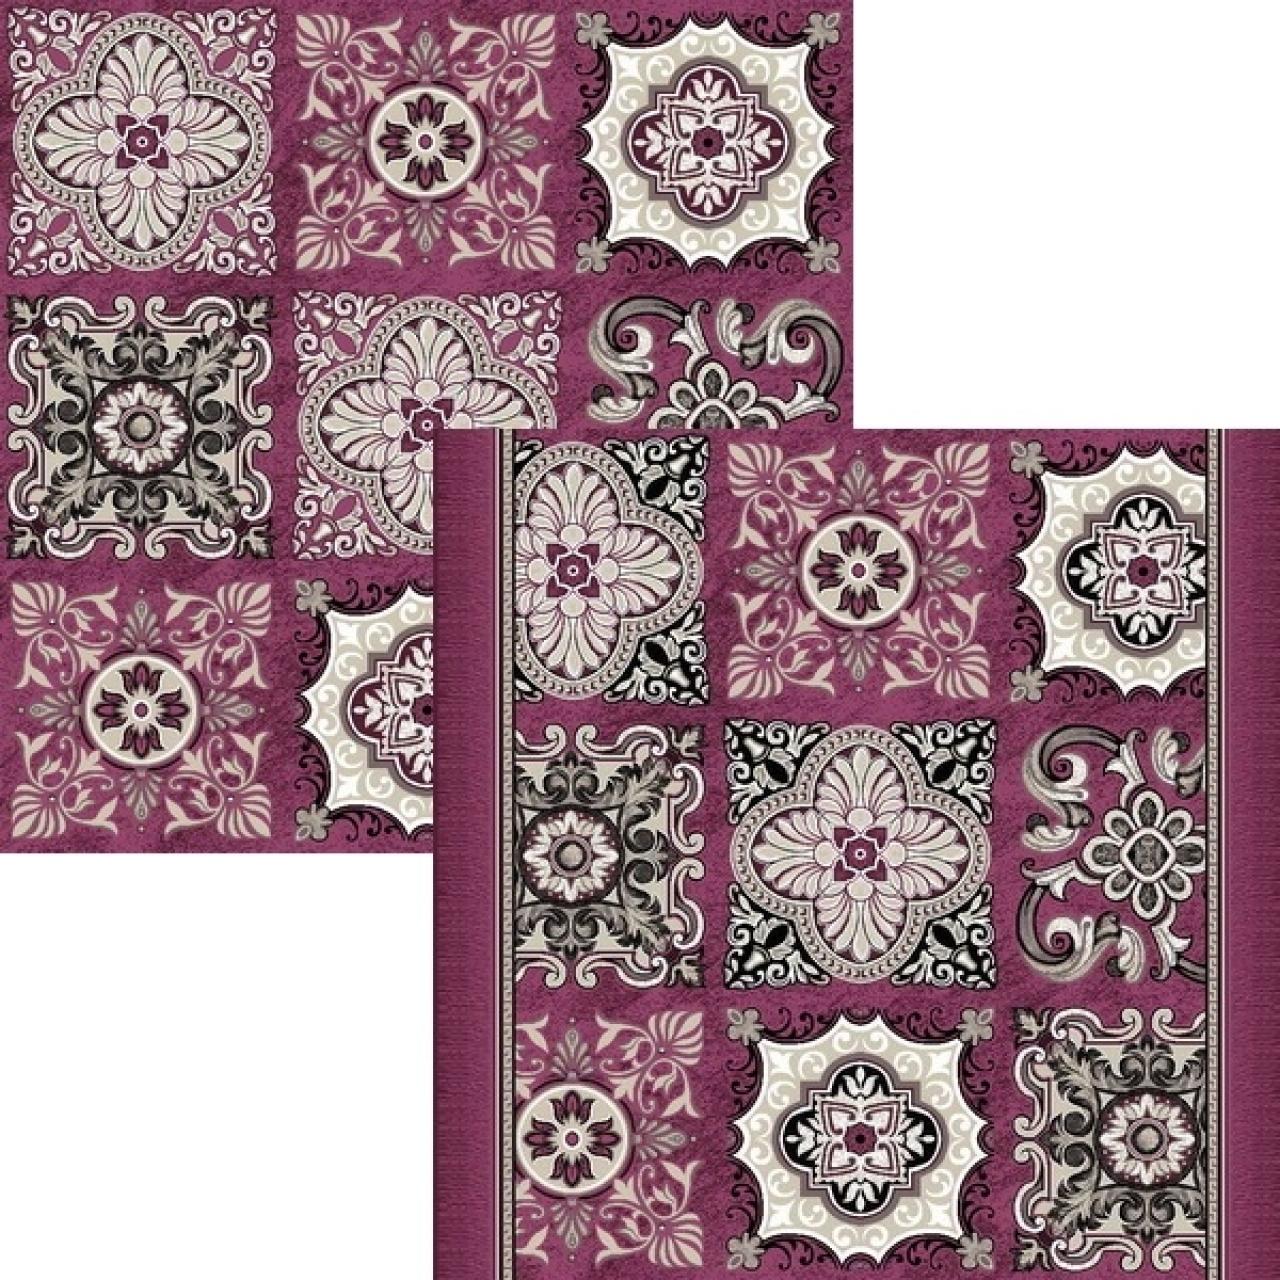 Ковер p1742a5p - 102 - Прямоугольник - коллекция принт обр 8-ми цветное полотно